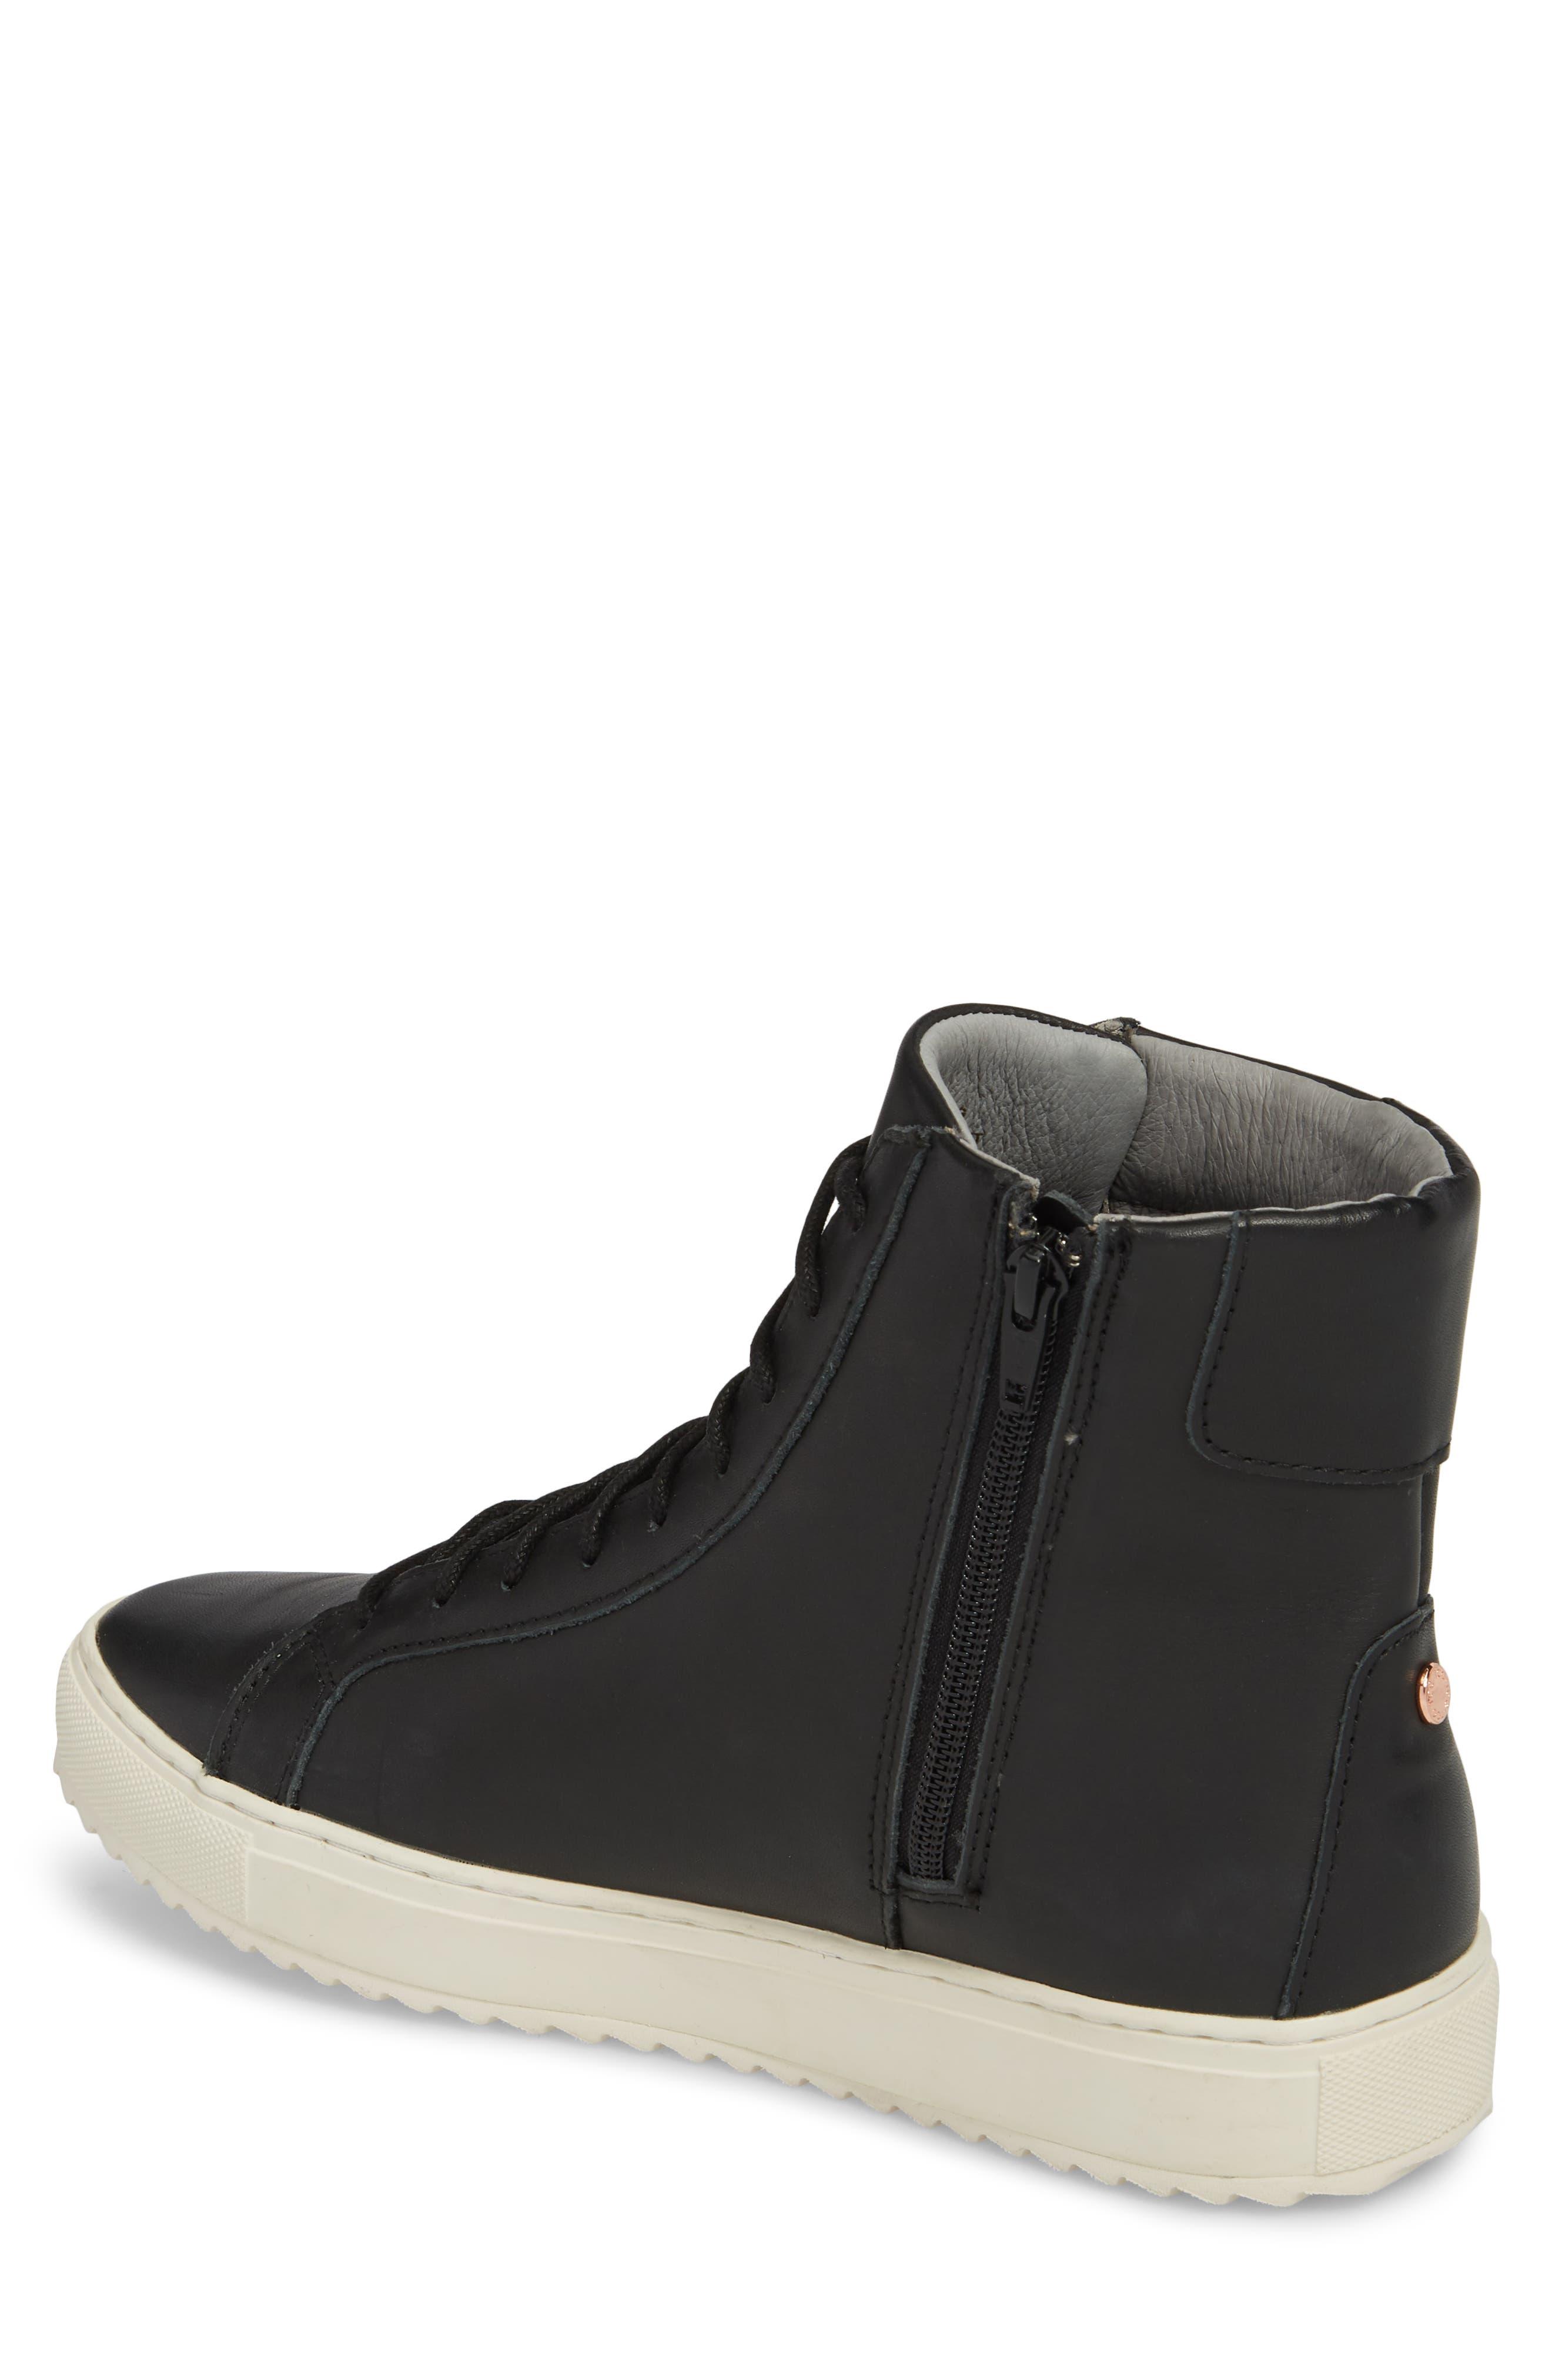 Logan Water Resistant High Top Sneaker,                             Alternate thumbnail 5, color,